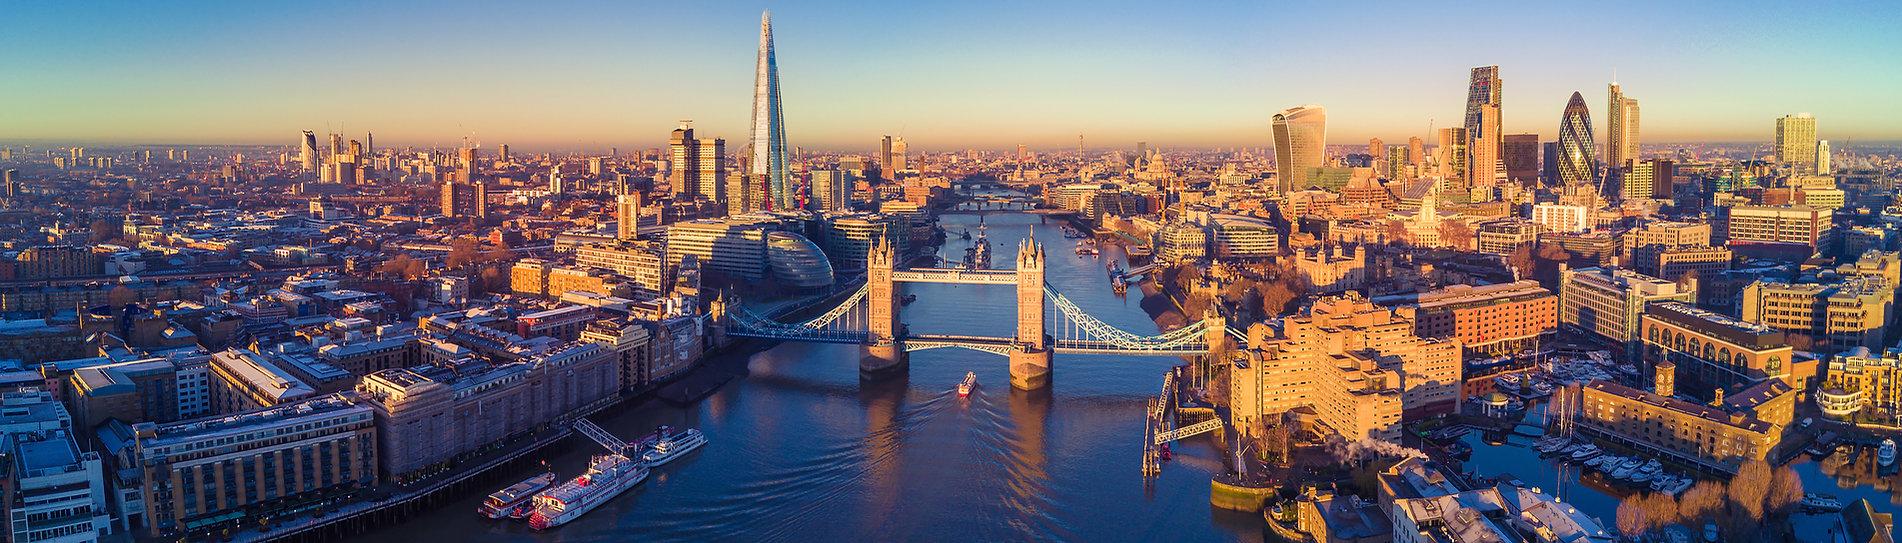 London Panoramic.jpg